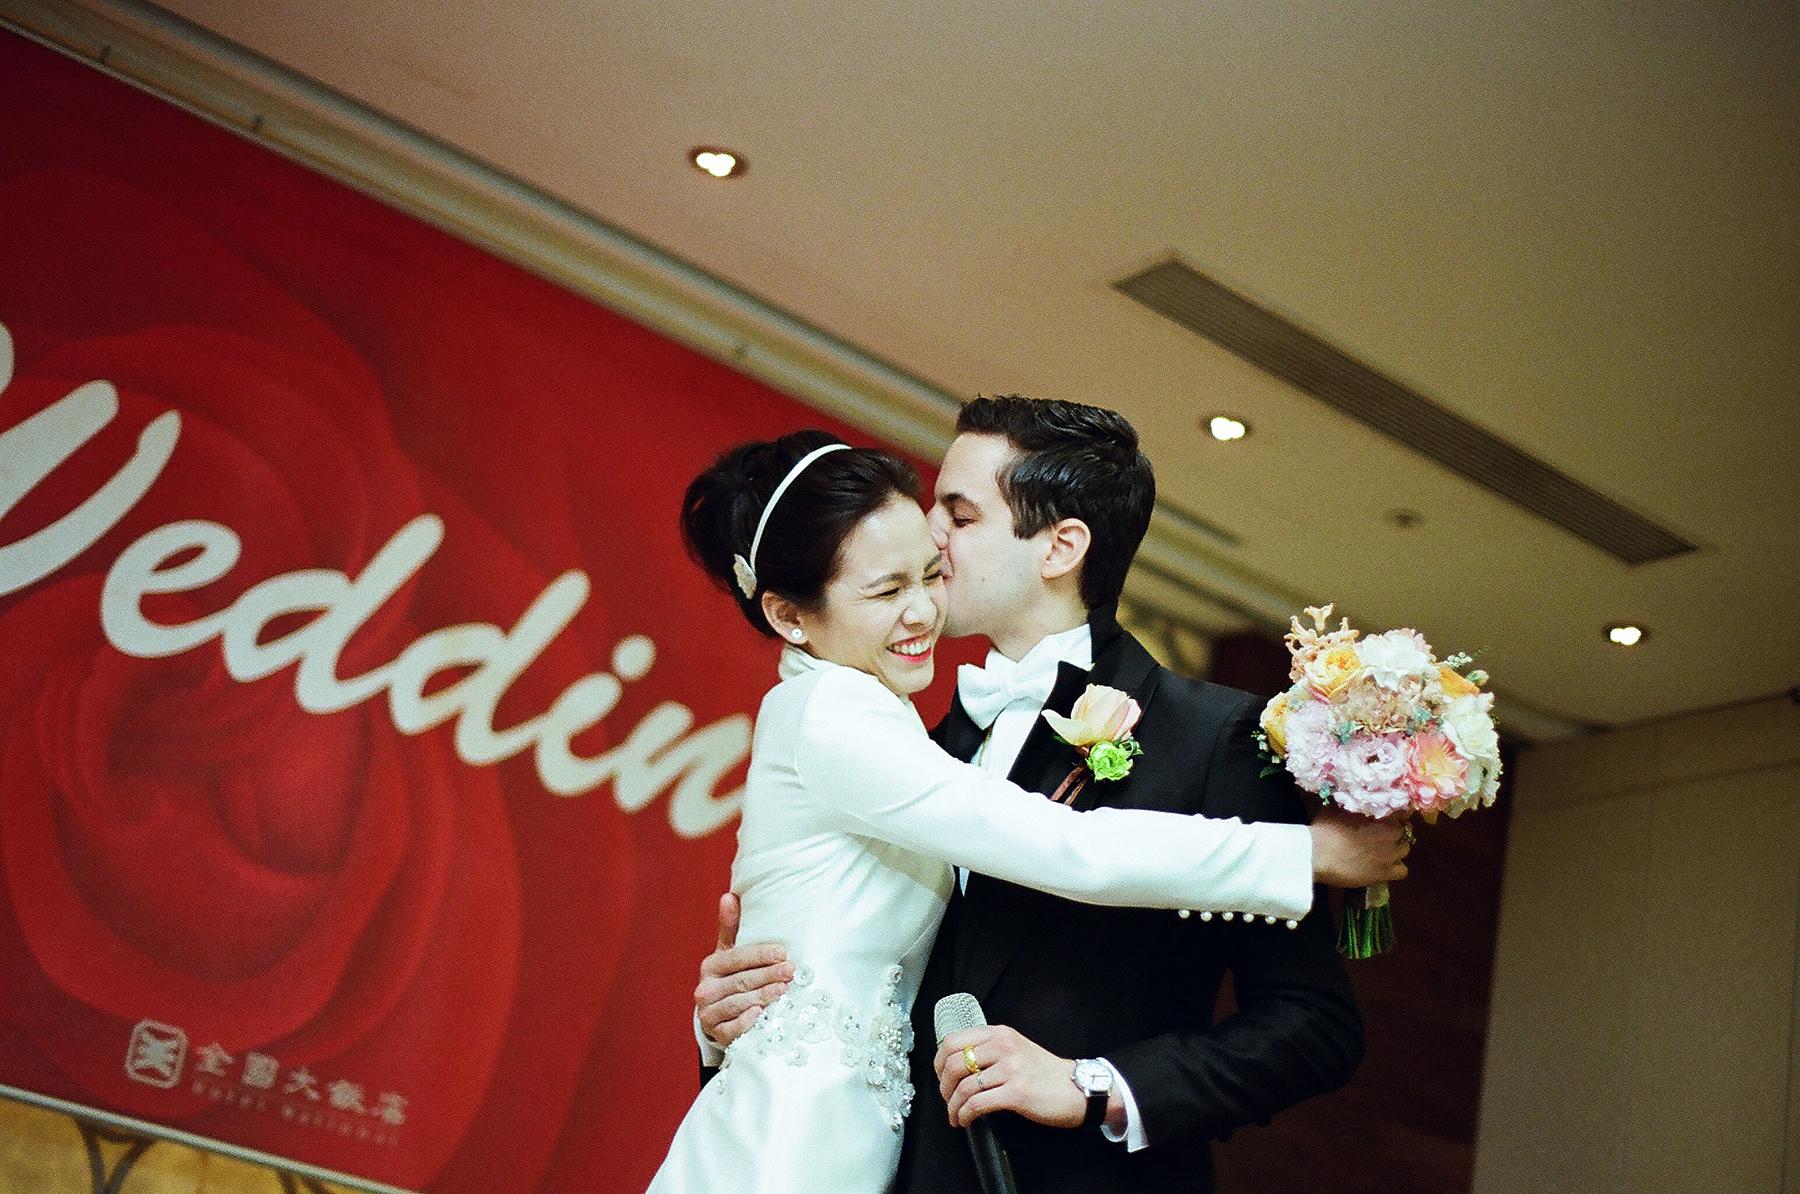 底片婚攝,婚禮攝影,婚禮攝影師推薦,台中婚攝,台中婚攝推薦,婚禮紀錄,底片,電影風格